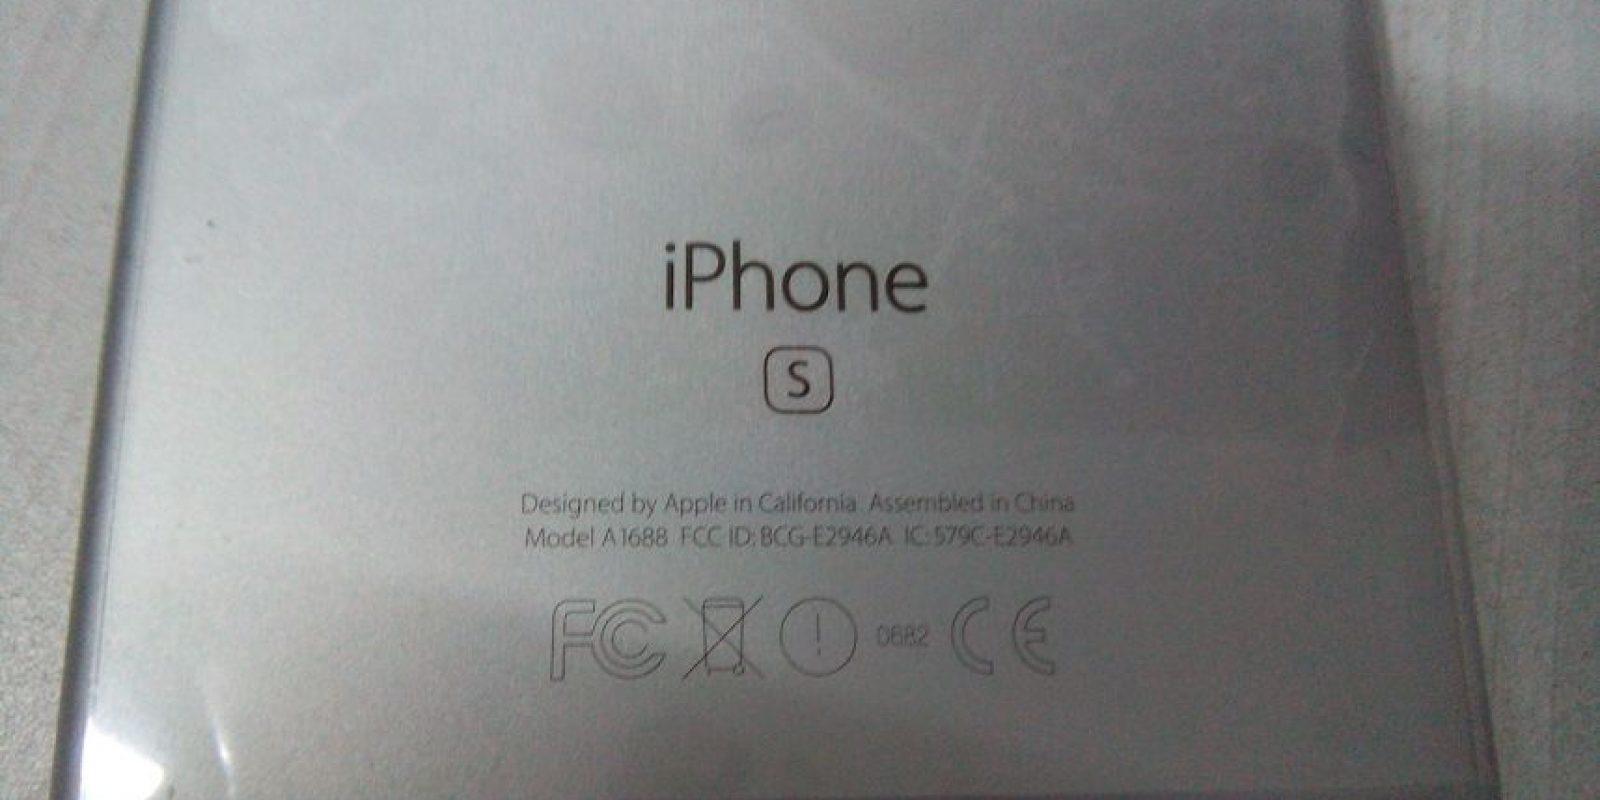 """La """"S"""" distingue al iPhone 6s del iPhone 6. Foto:Cesar Acosta / Especial"""